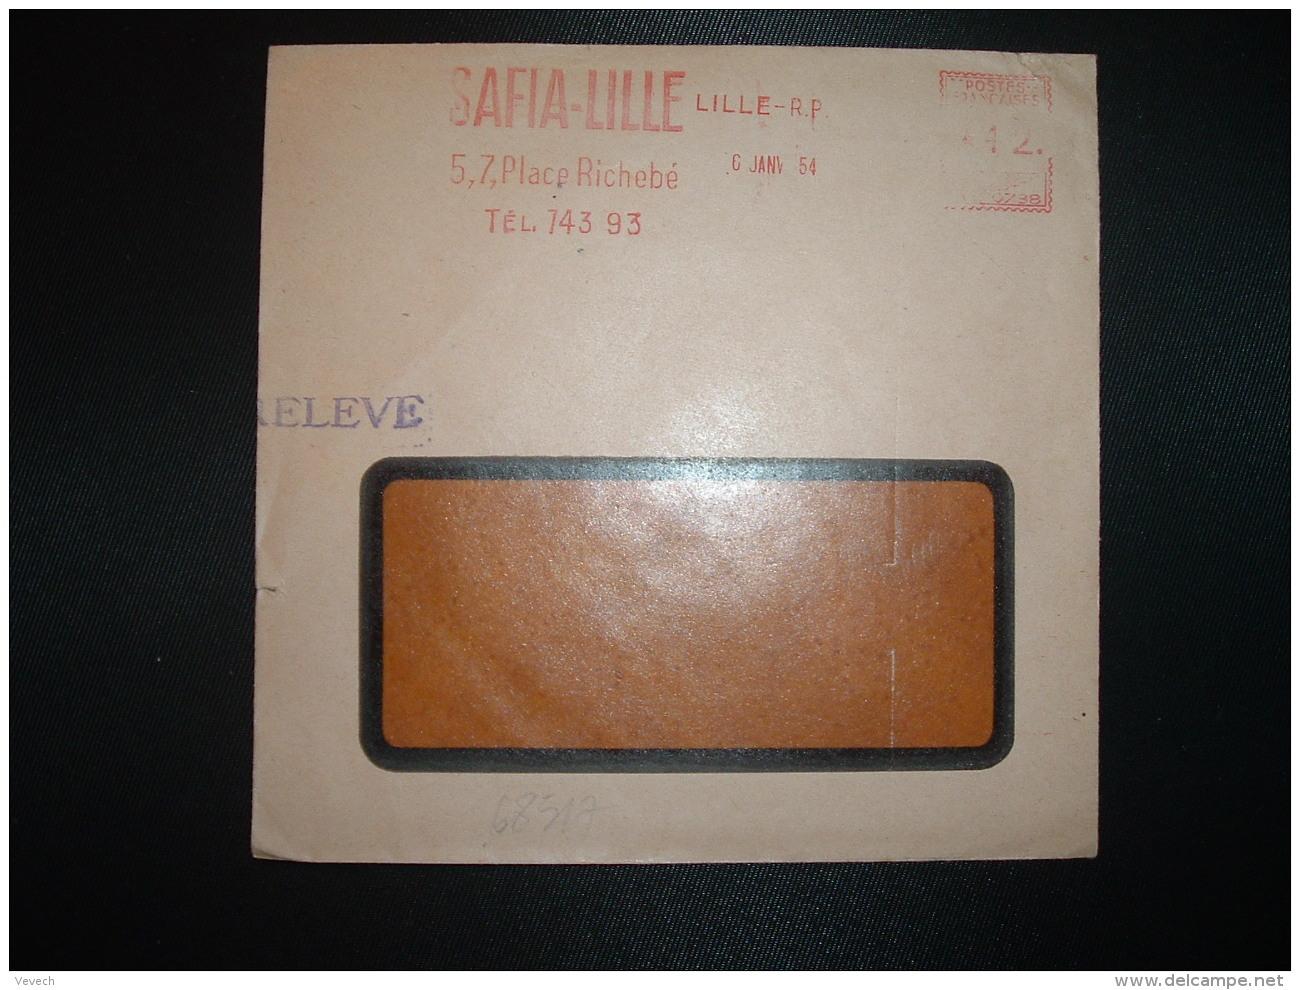 LETTRE EMA C. 0788 à 12. Du 6 JANV 54 LILLE RP (59) SAFIA-LILLE - Marcophilie (Lettres)